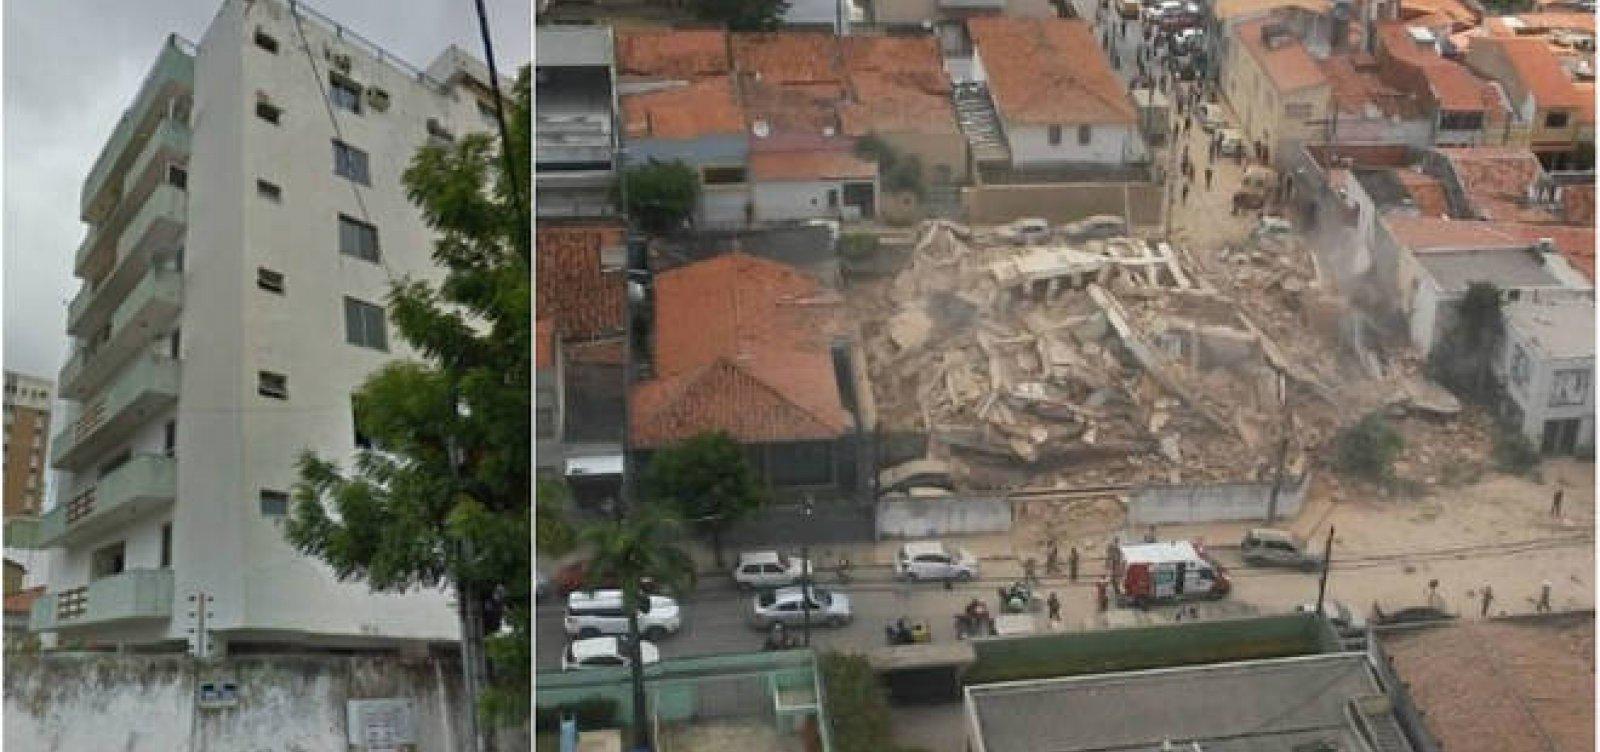 Bombeiros voltam atrás e dizem que não há mortes em queda de prédio em Fortaleza